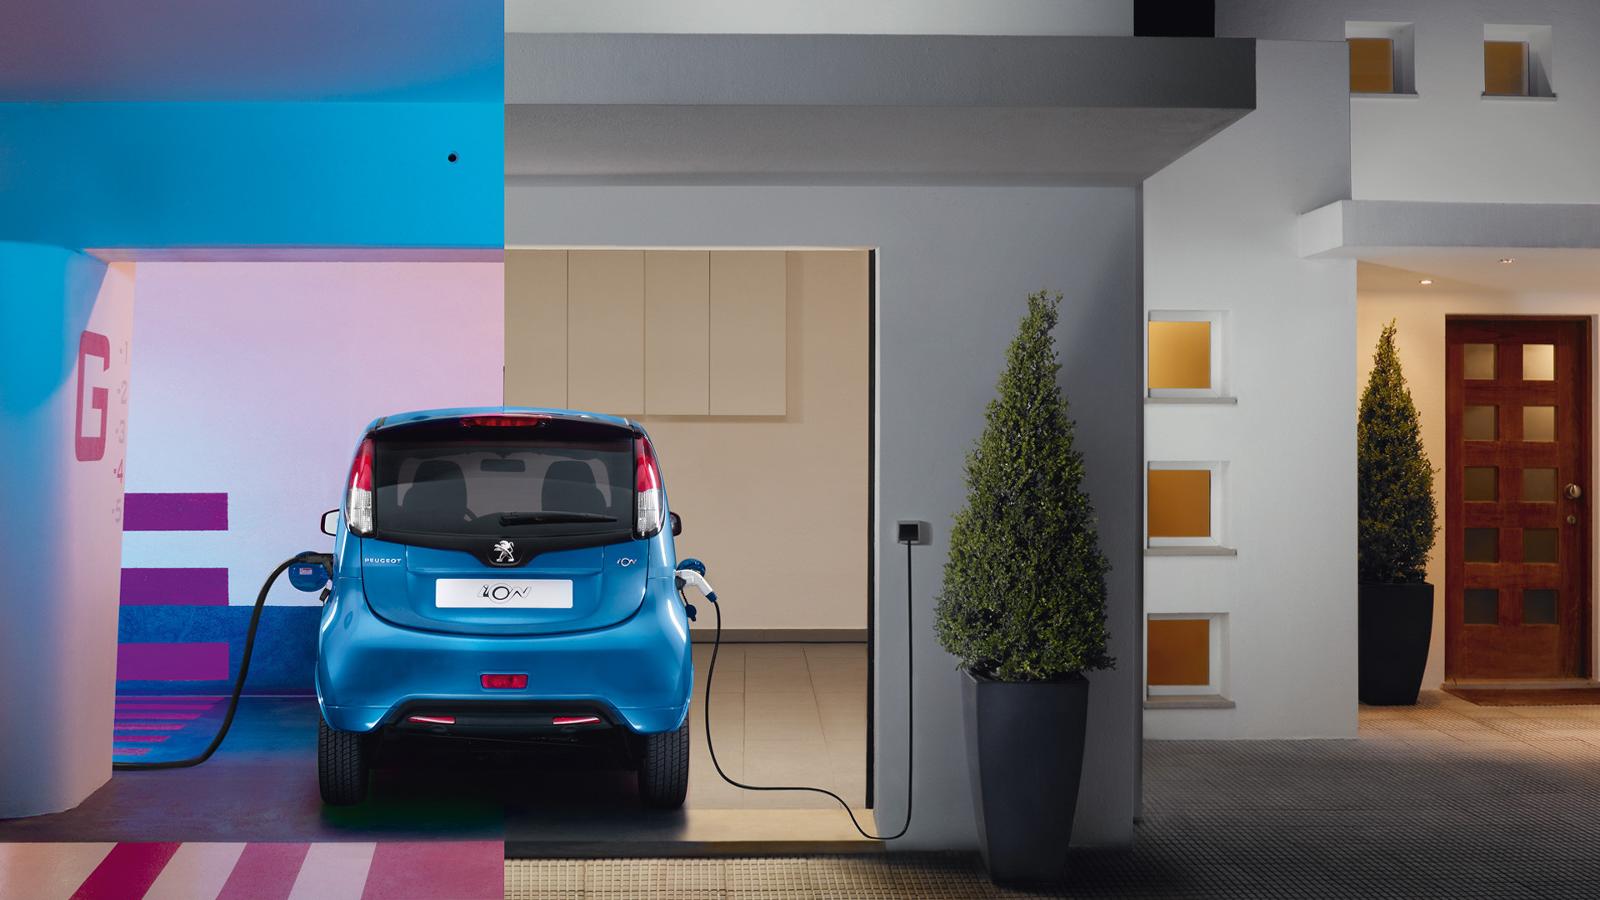 Trasera Peugeot iON en una casa